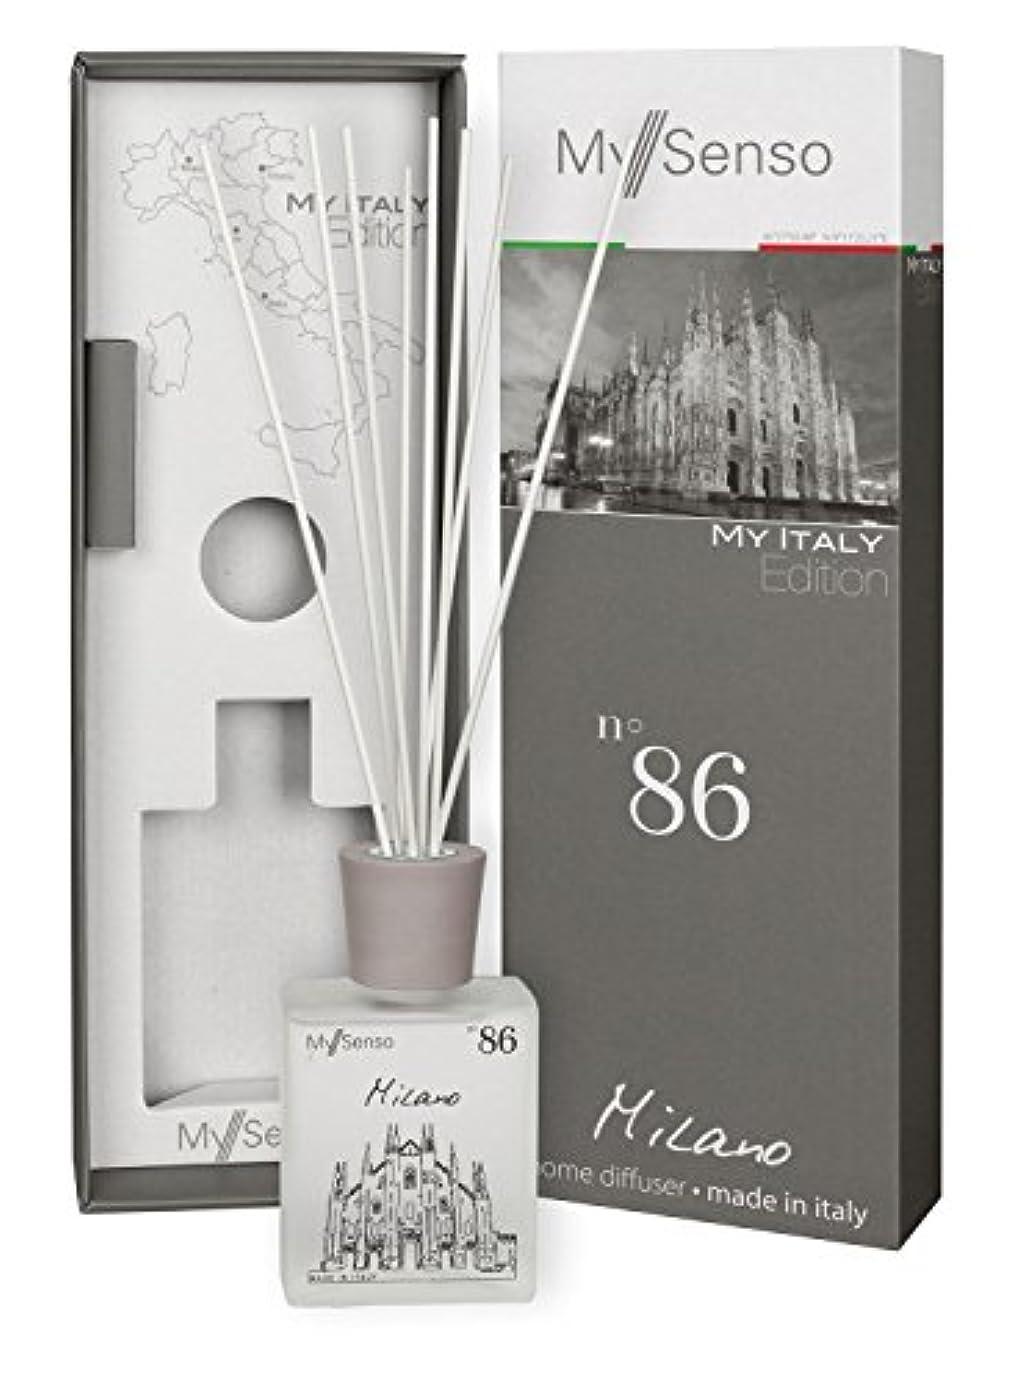 ジョセフバンクスレモン引き付けるMySenso ディフューザー My Italy Edition No.86 ミラノ